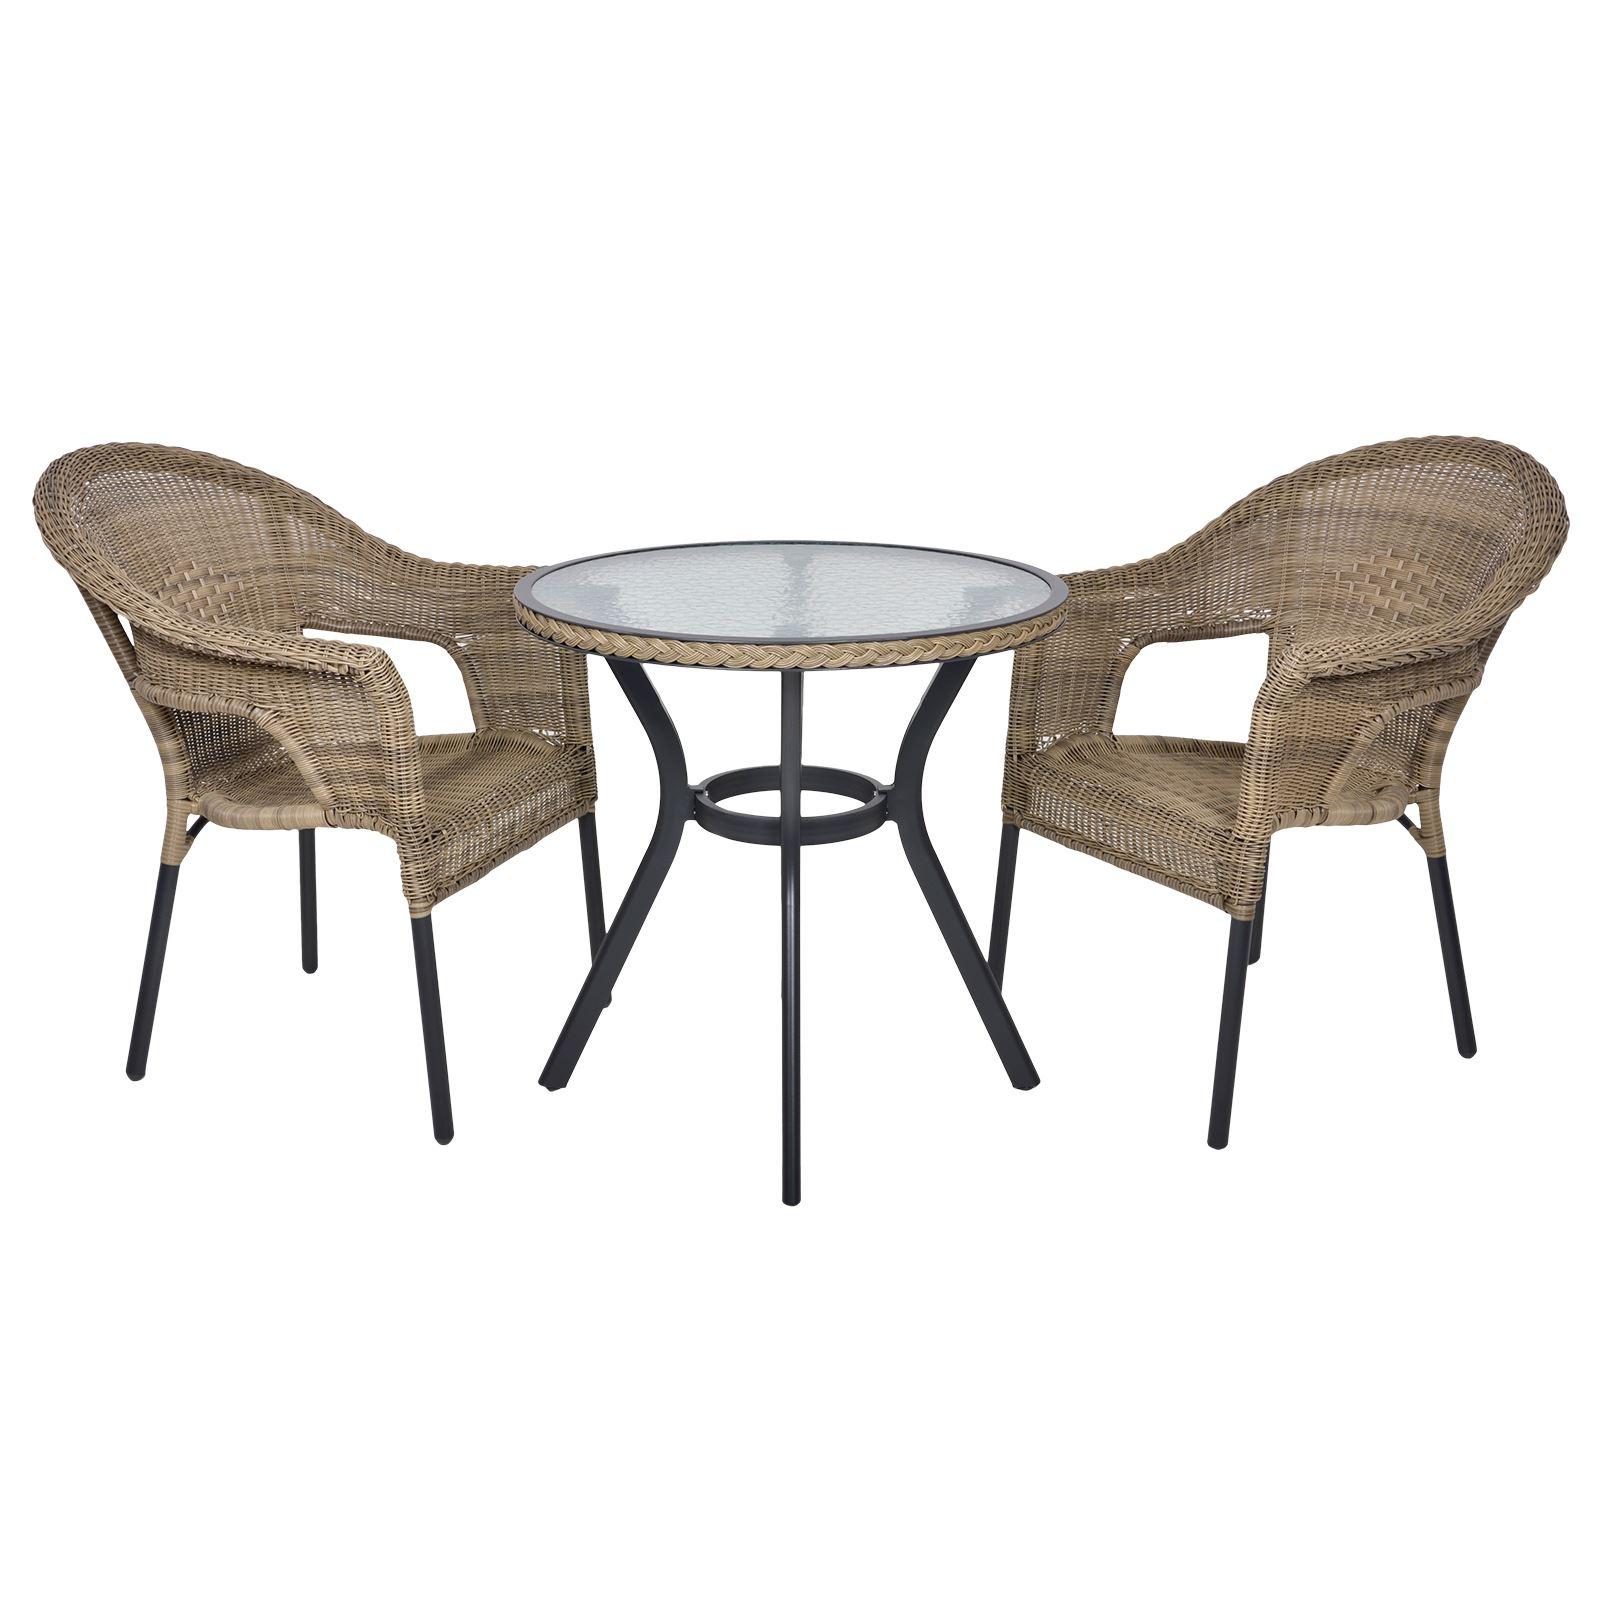 Havana Rattan Wicker Bistro 2 Seat Garden Patio Furniture Table